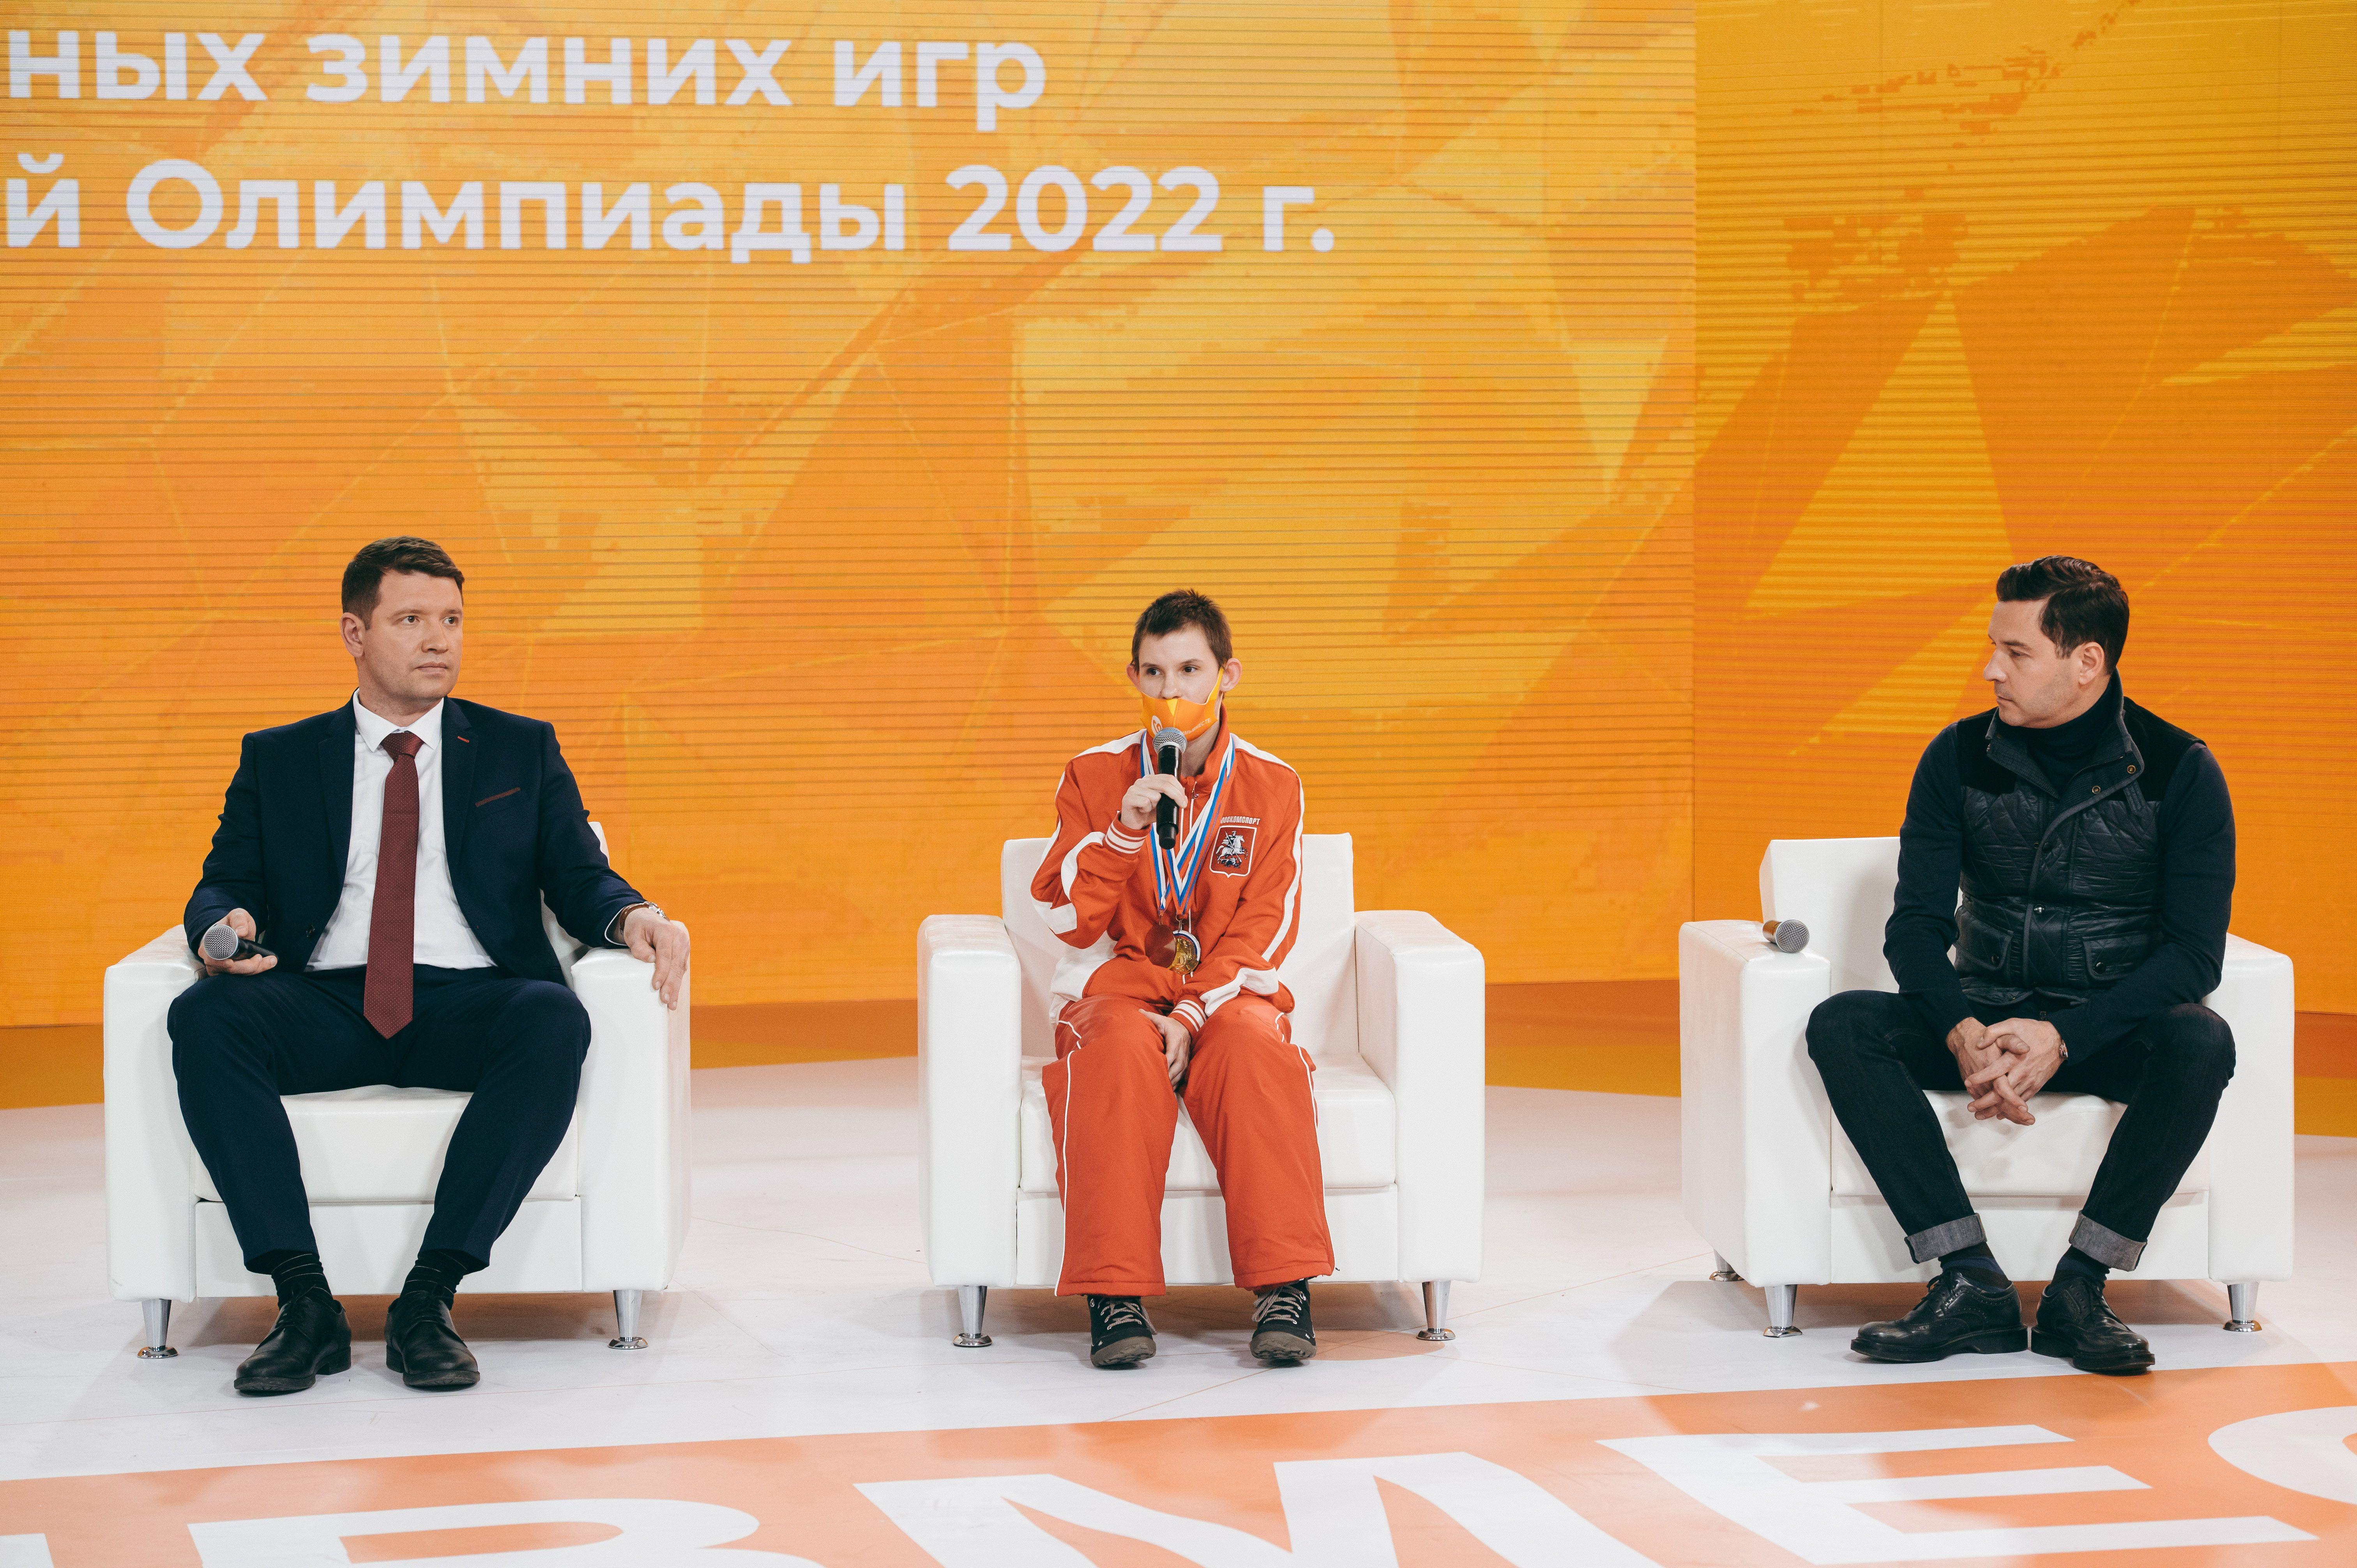 Объявлен старт волонтерской заявки Всемирных зимних игр Специальной Олимпиады 2022 в г. Казани